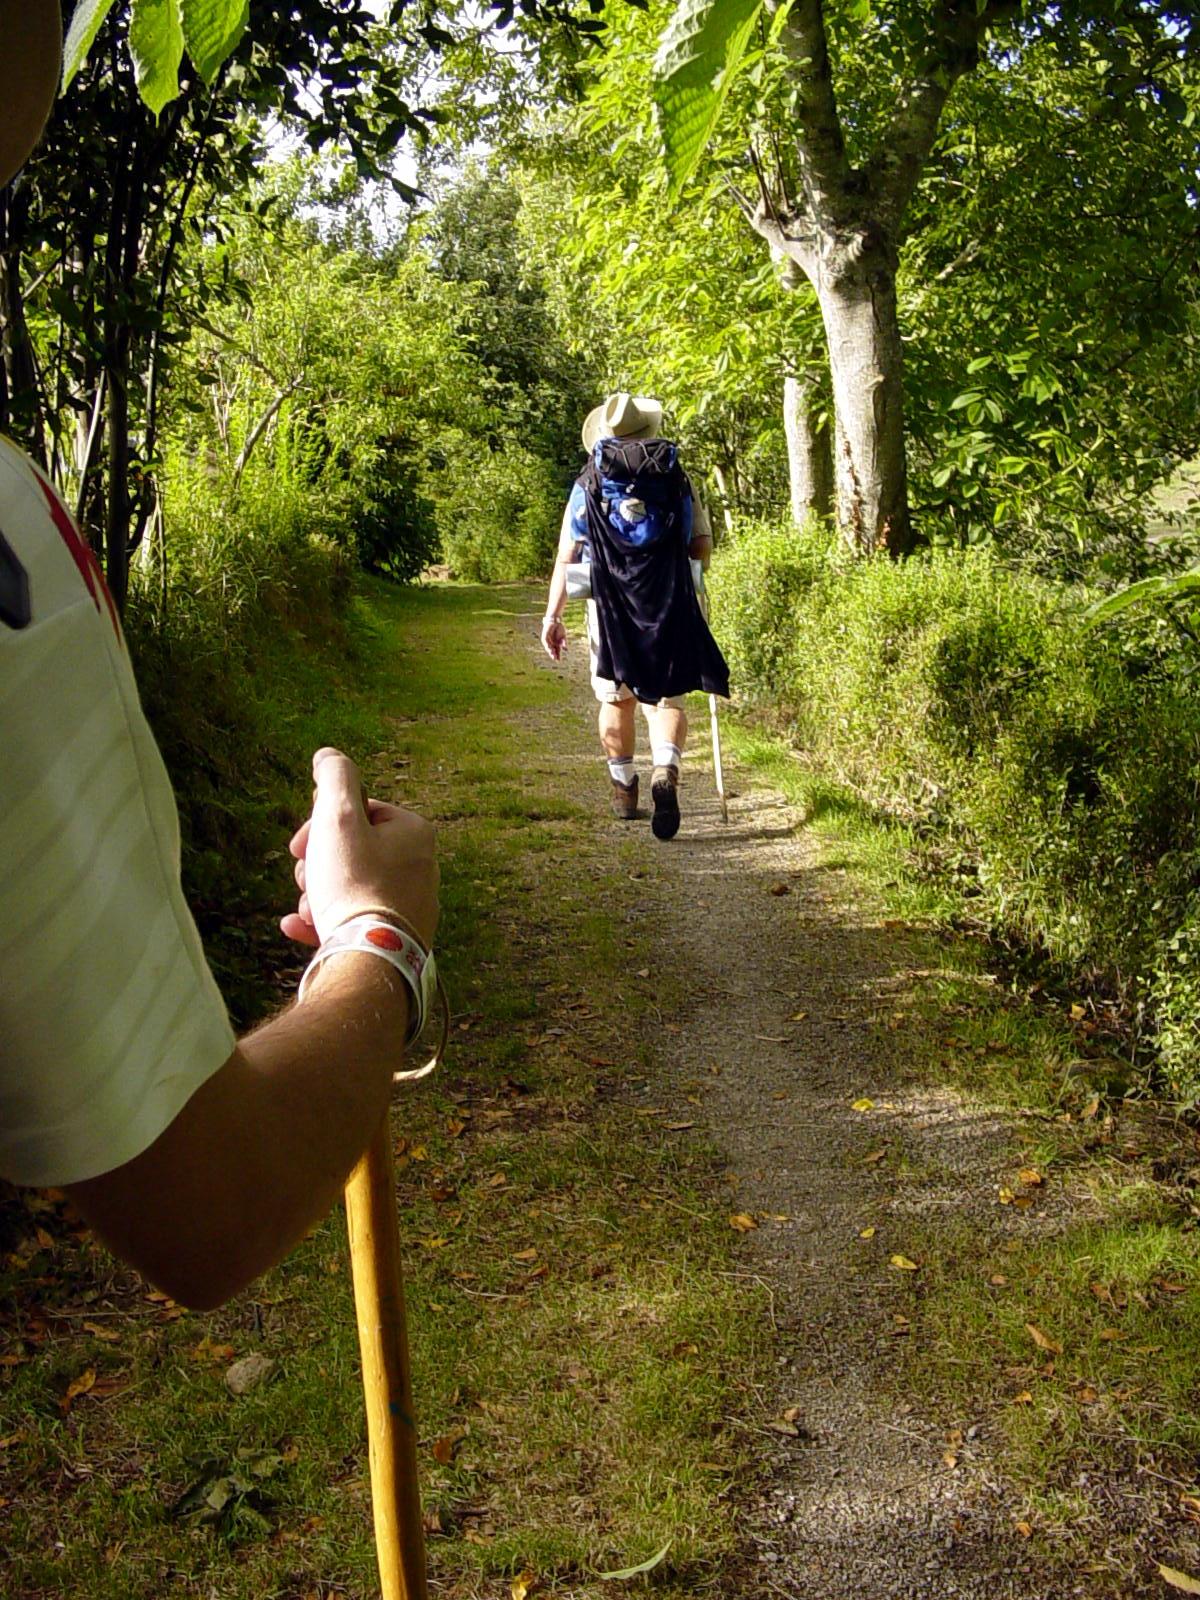 Camino Ingles_046_exposure.JPG